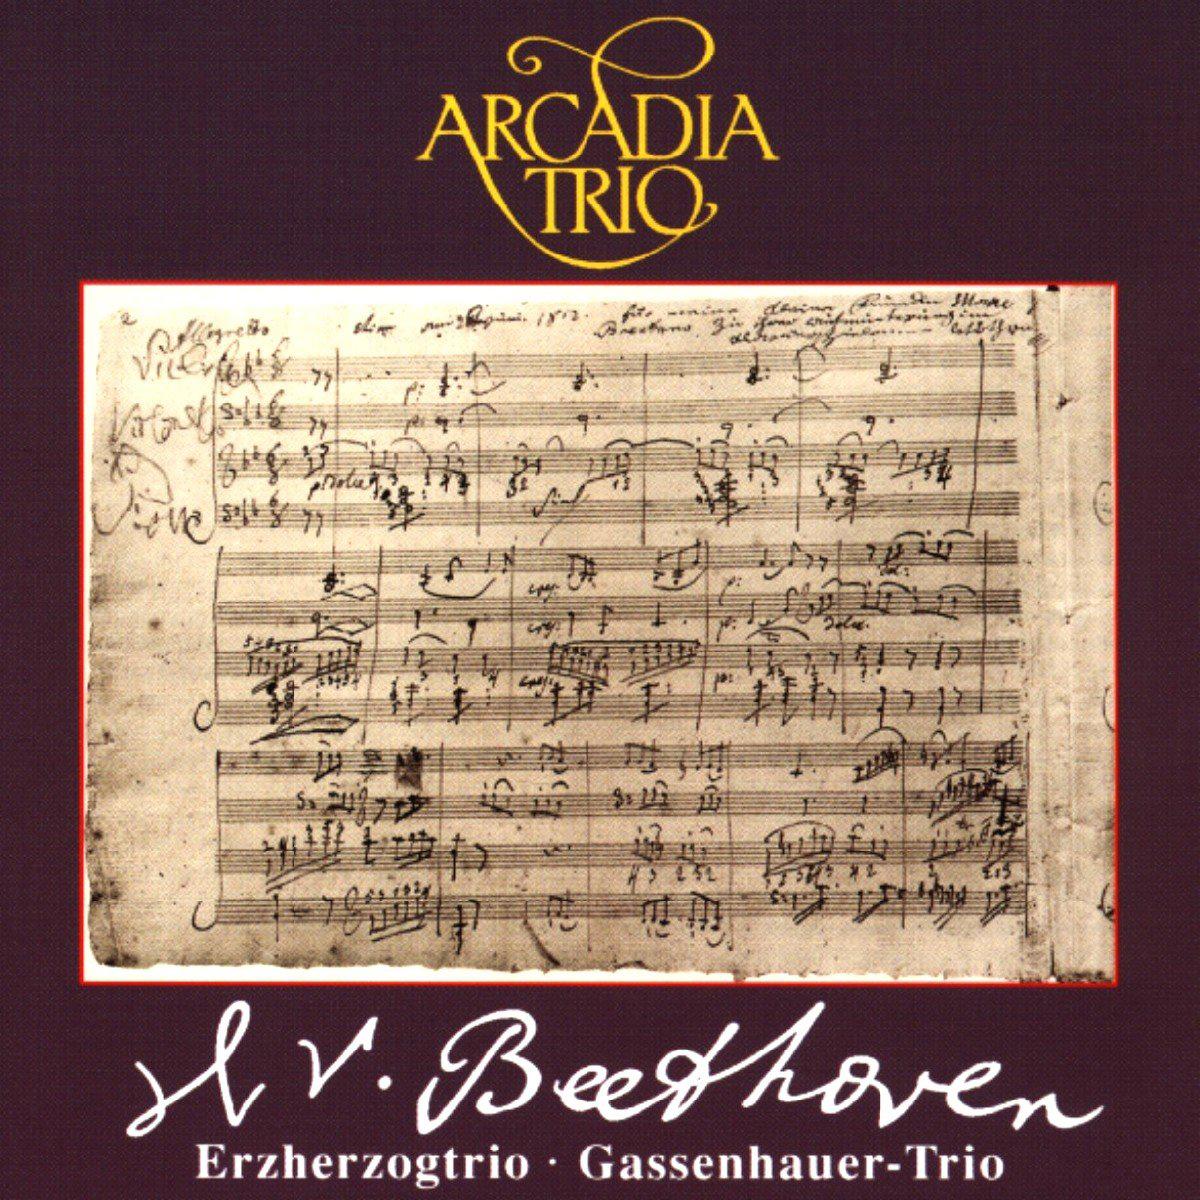 Arcadia Trio Arcadia Trio. Ludwig Van Beethoven